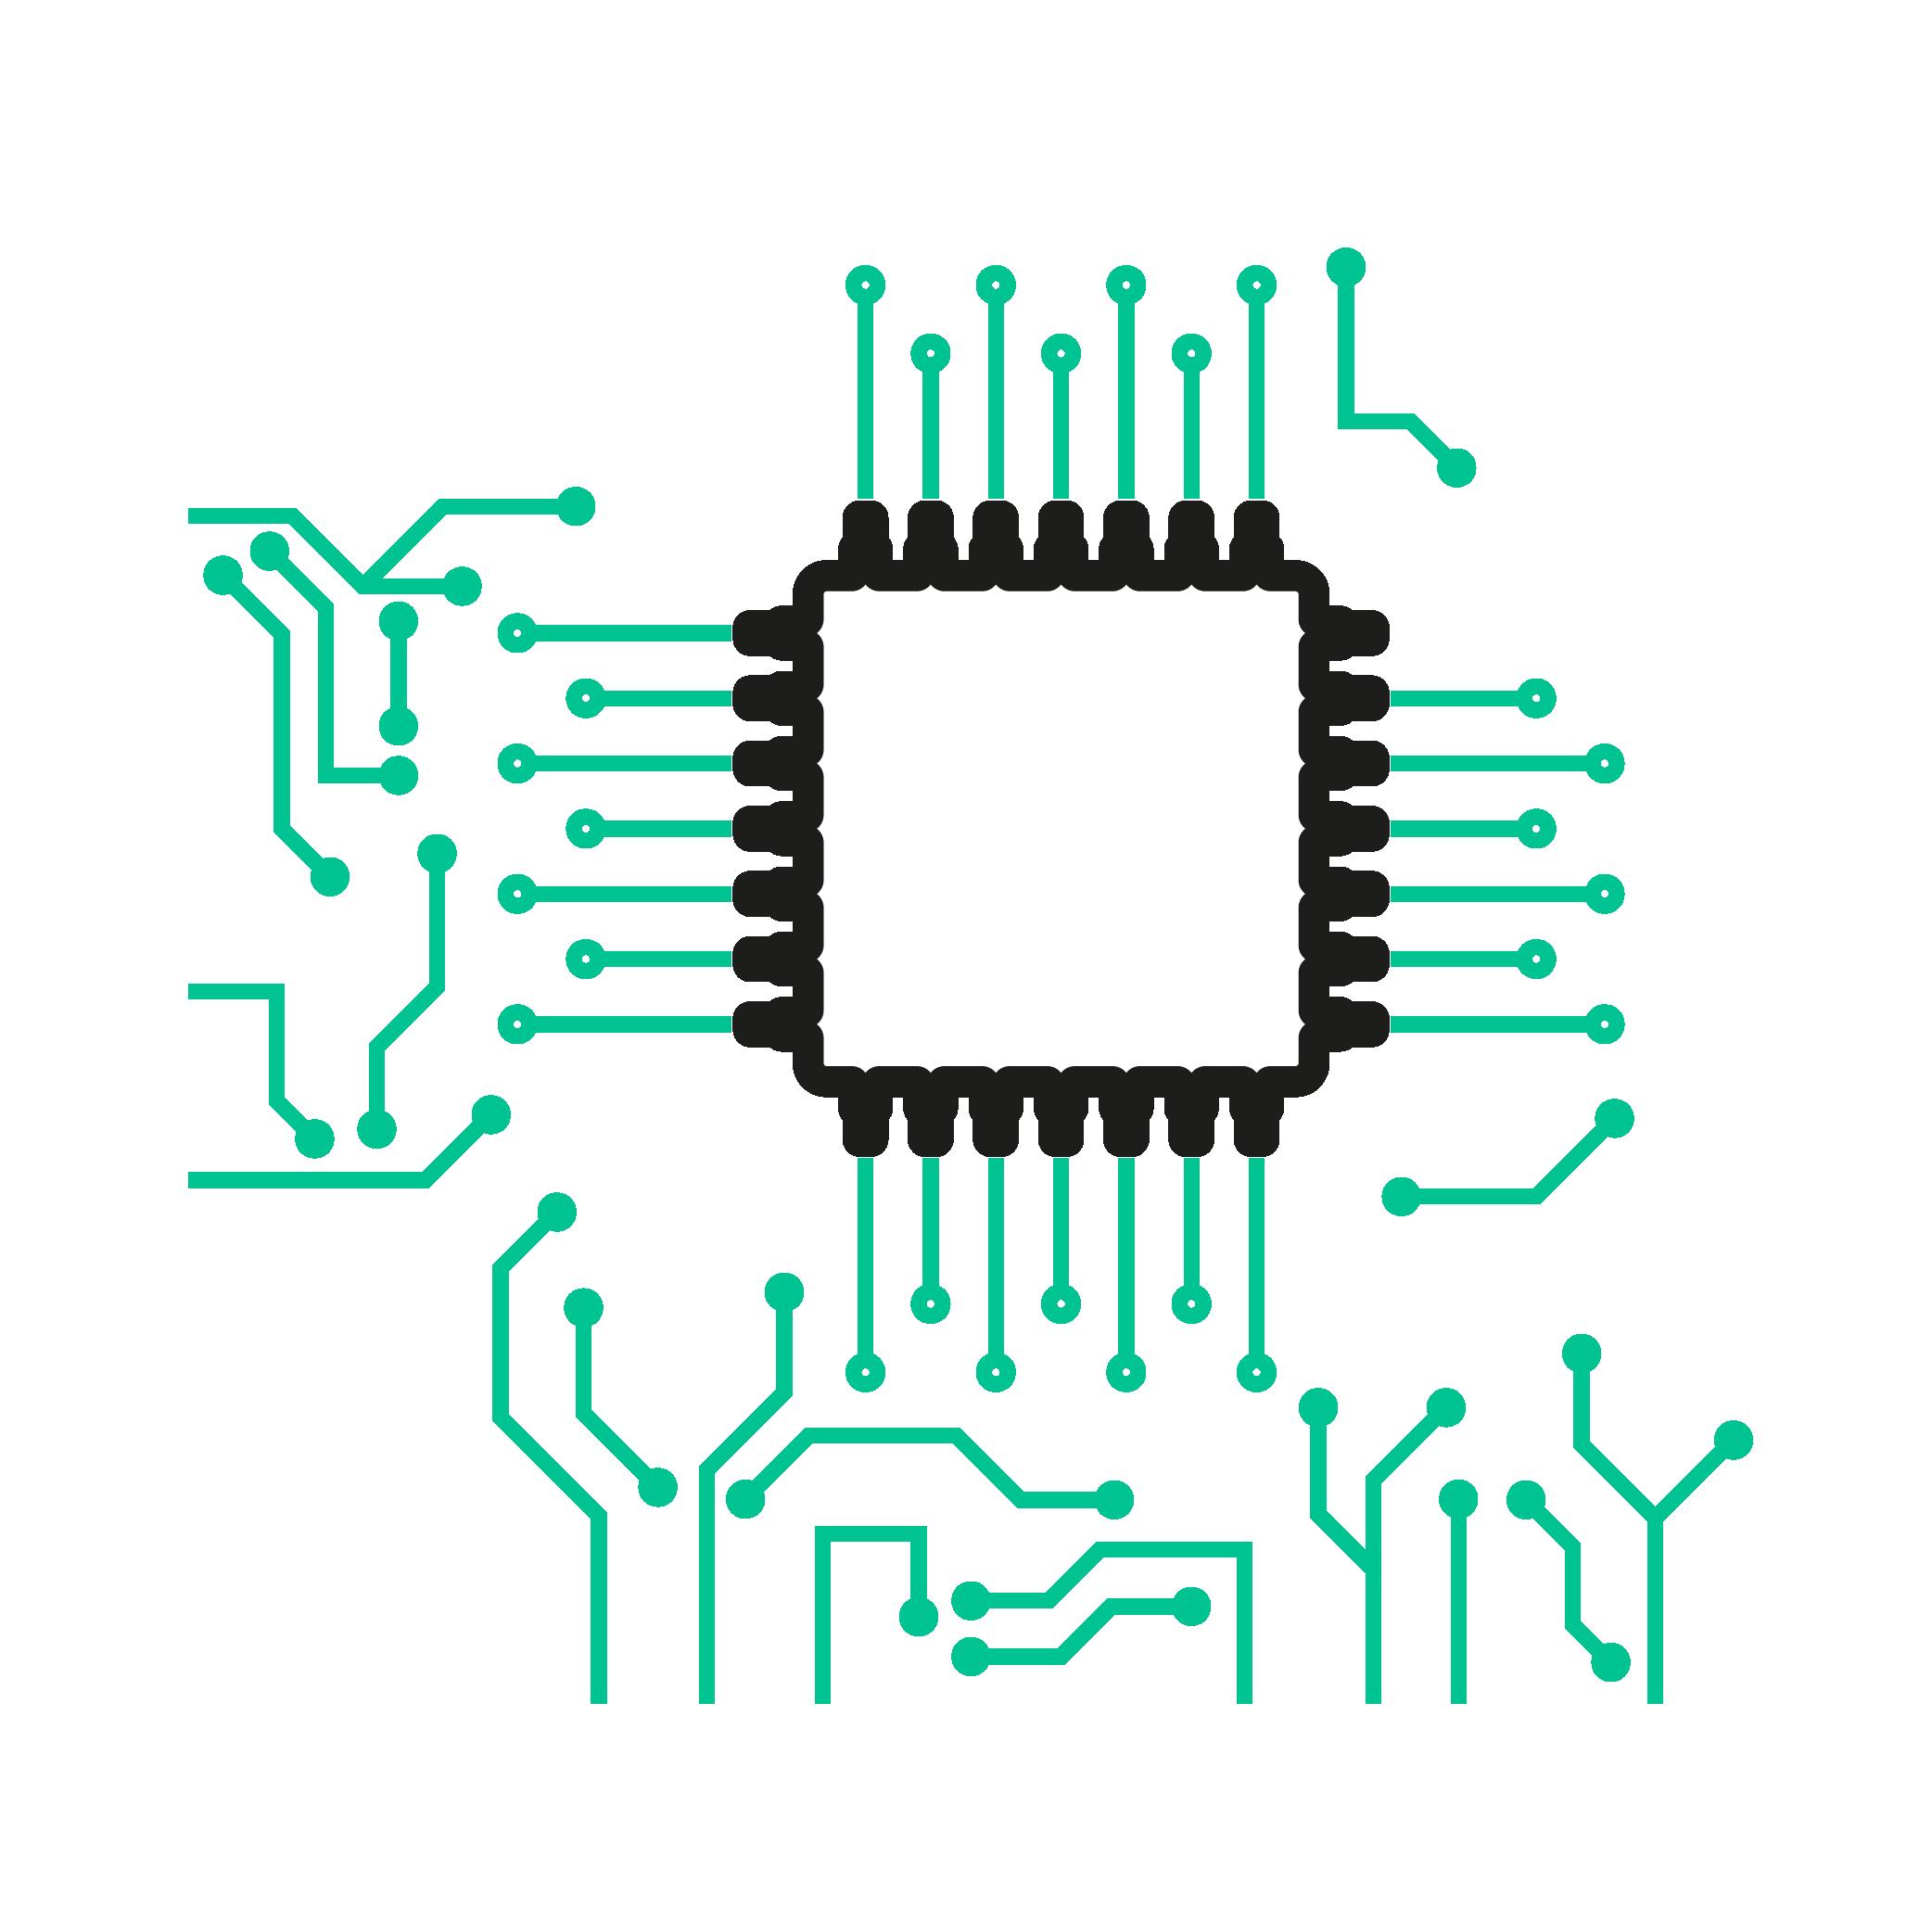 Câblage de la carte électronique